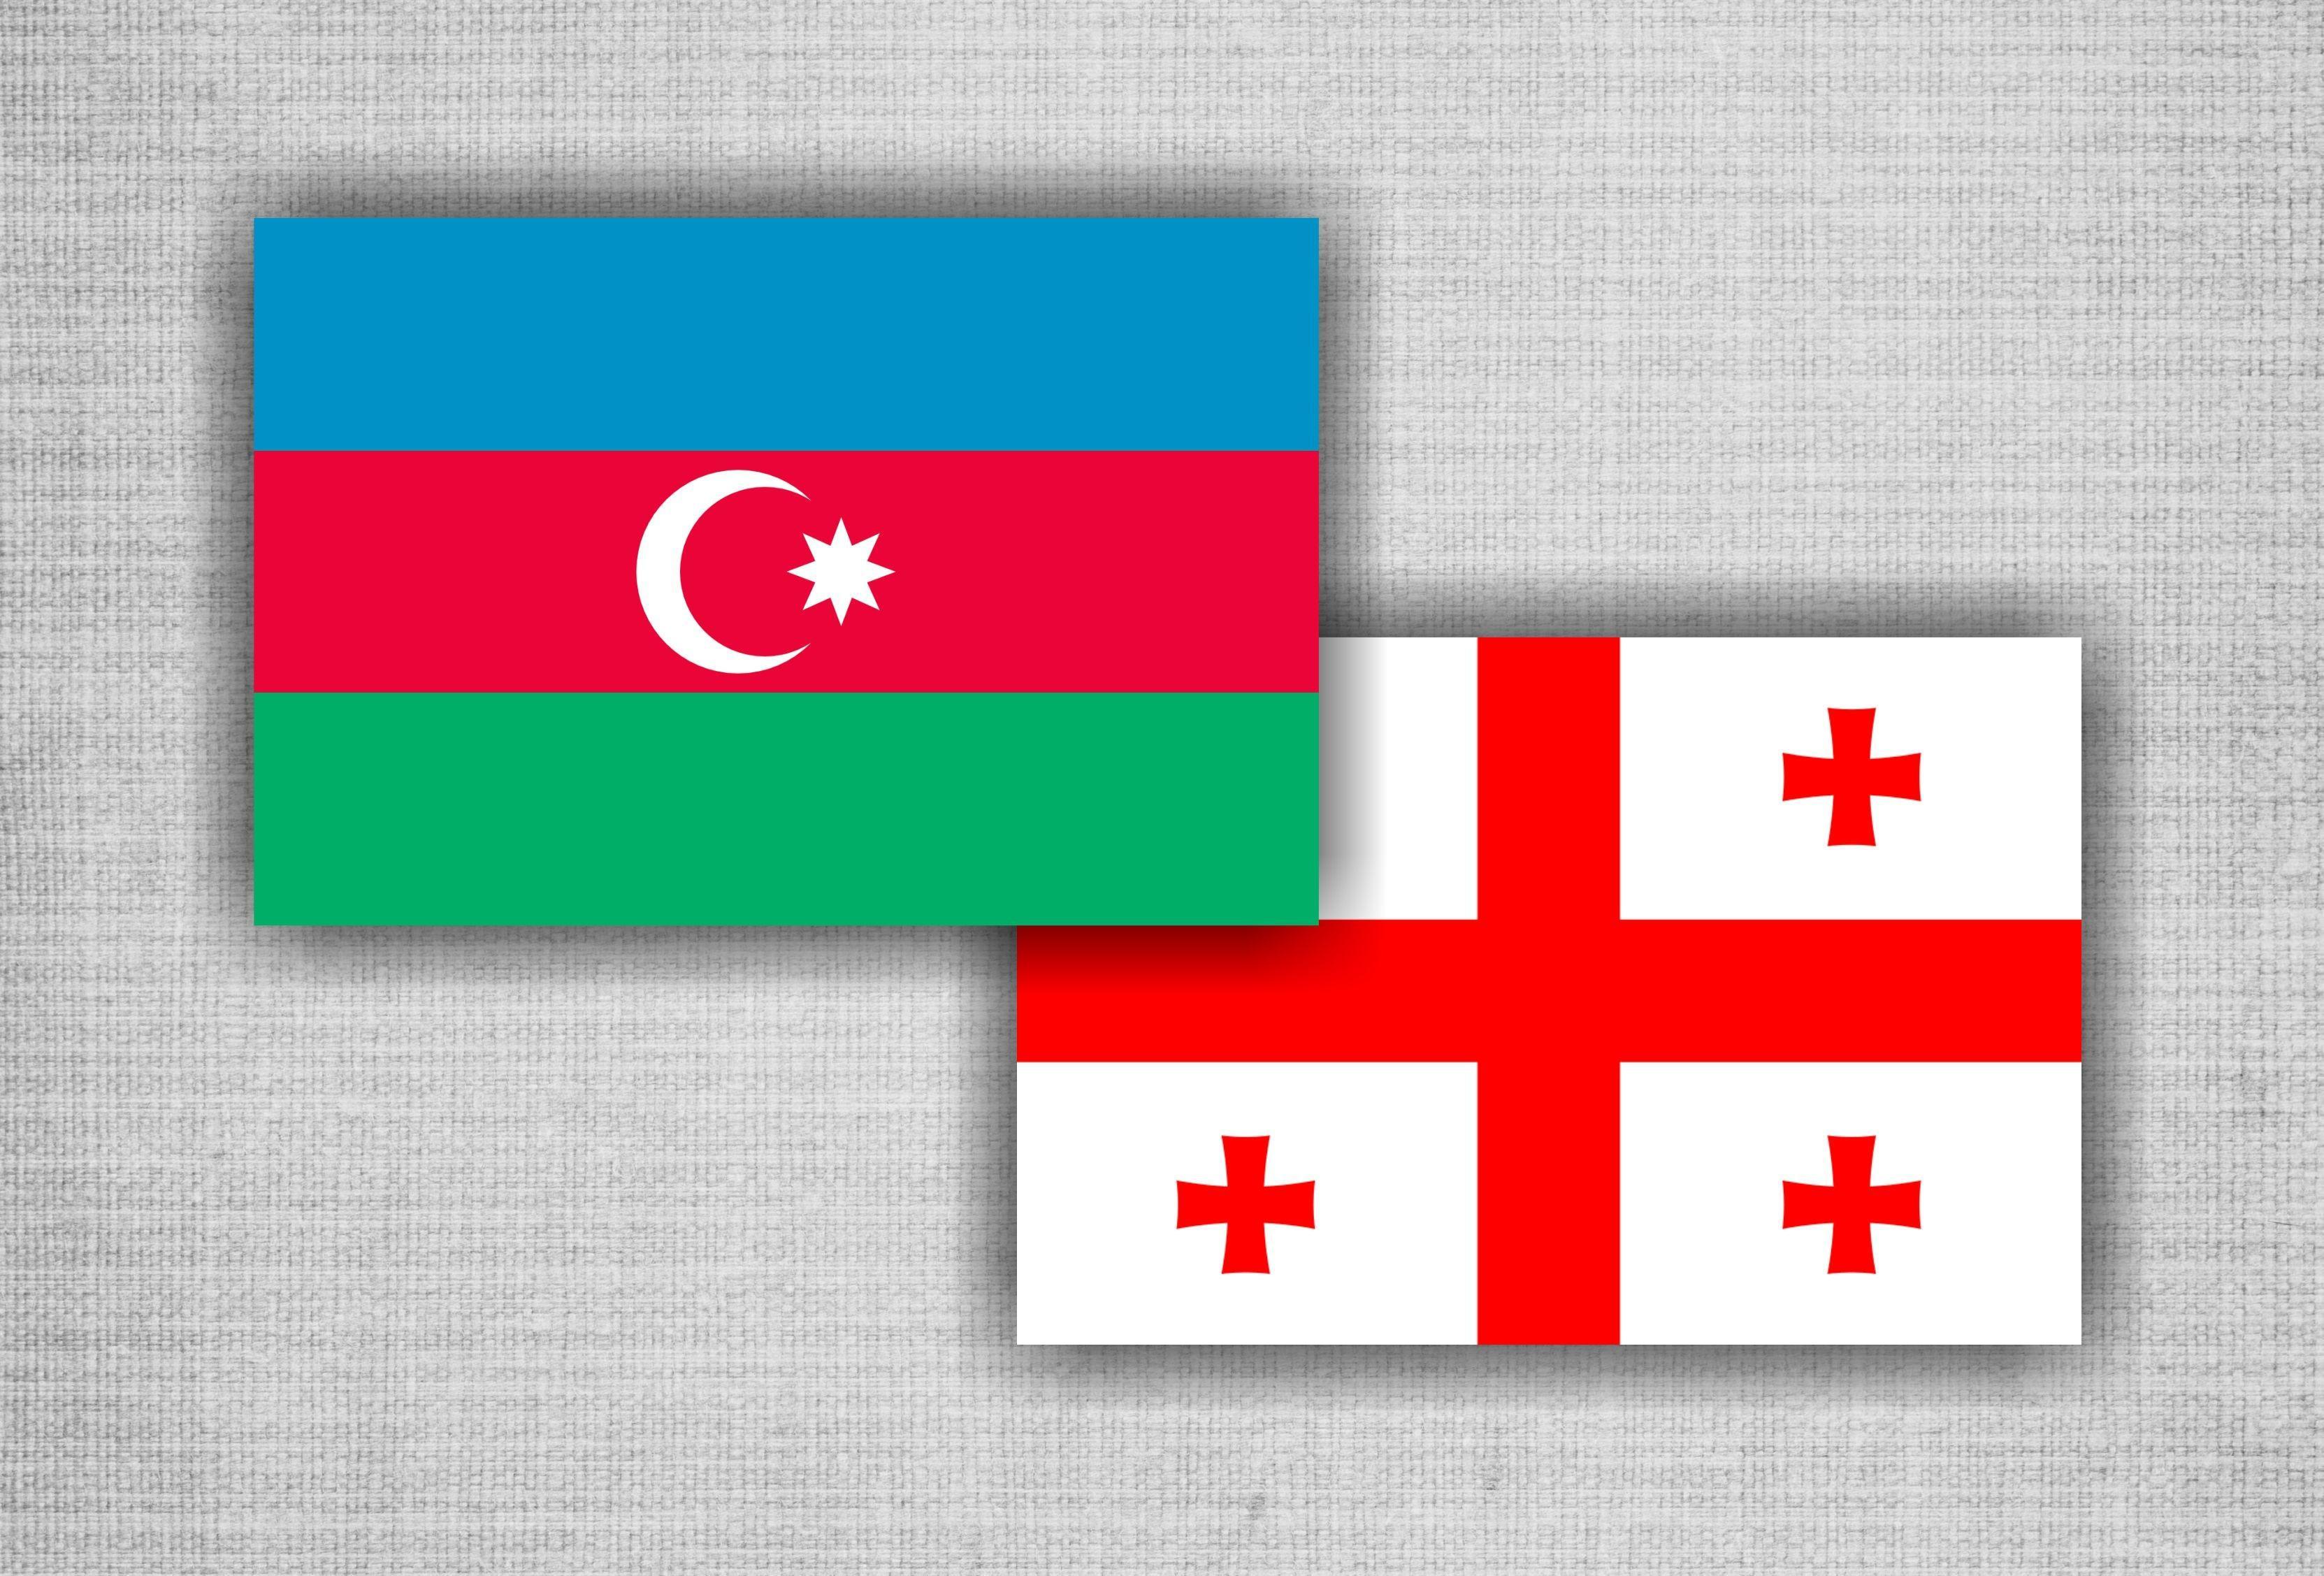 Сопредседатель комиссии: Ведутся работы по 10-12 частям грузино-азербайджанской границы